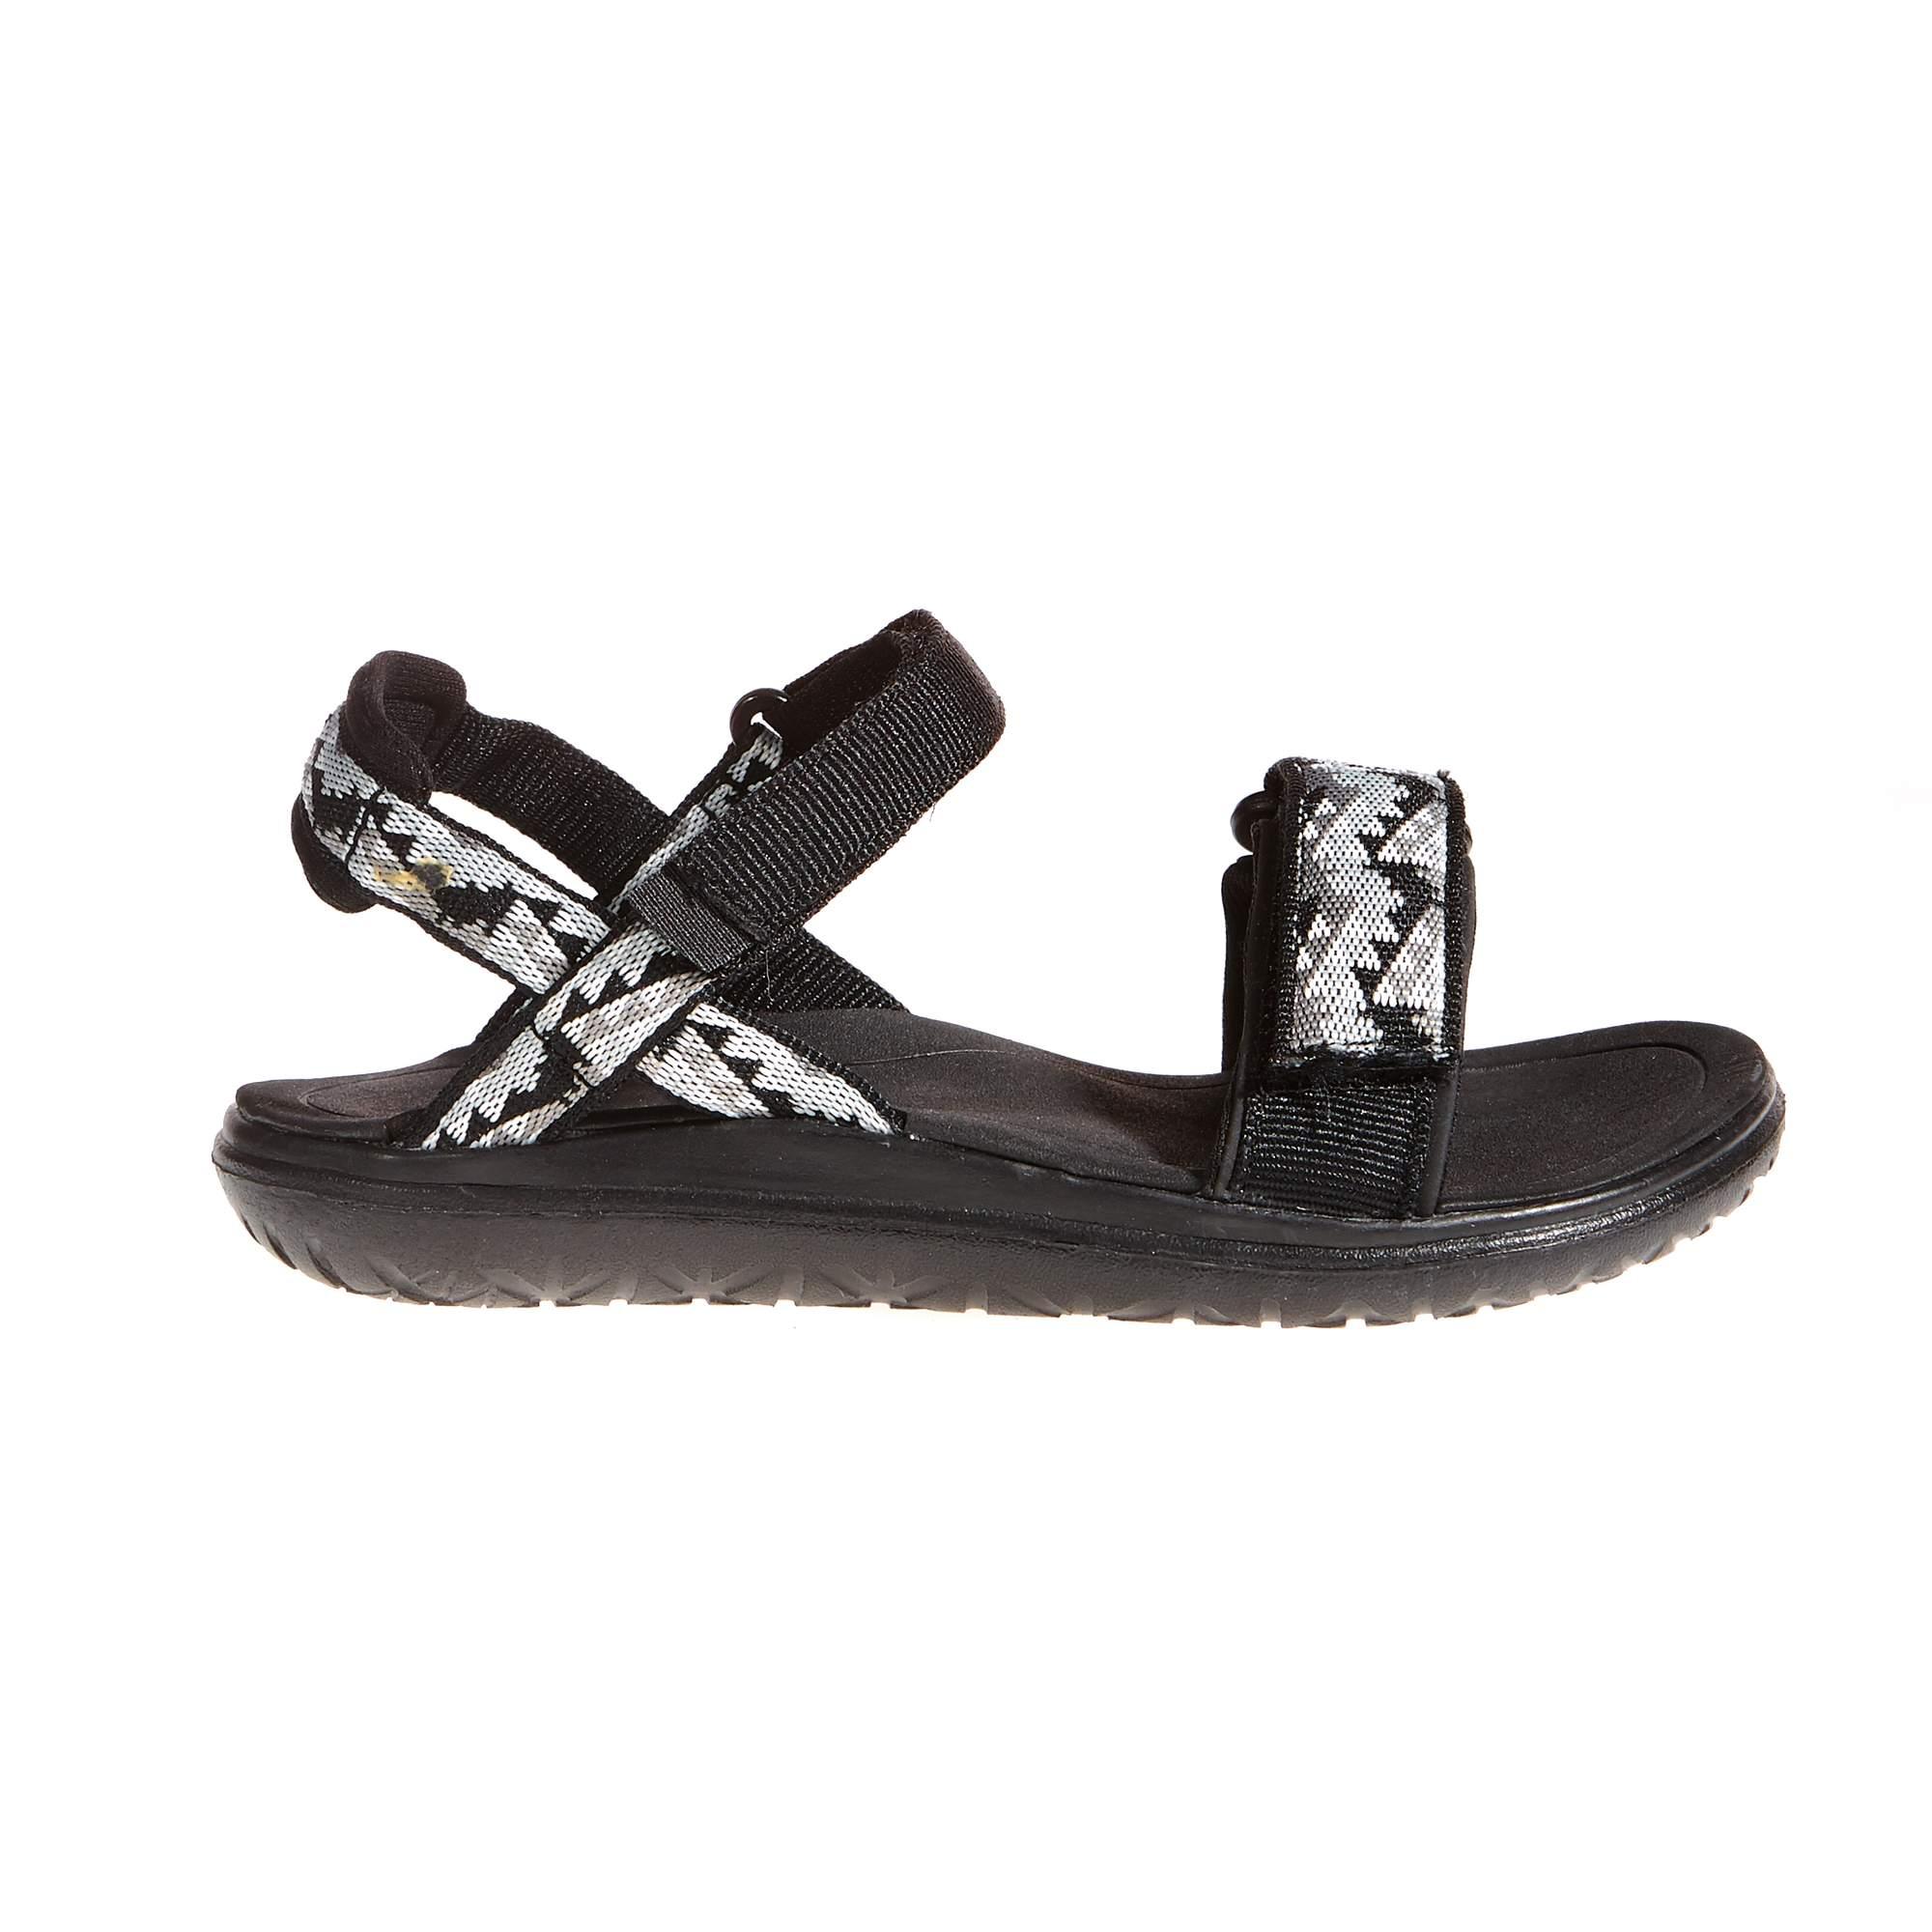 Teva Terra-Float Nova Kinder Gr. 35 - Outdoor Sandalen - schwarz